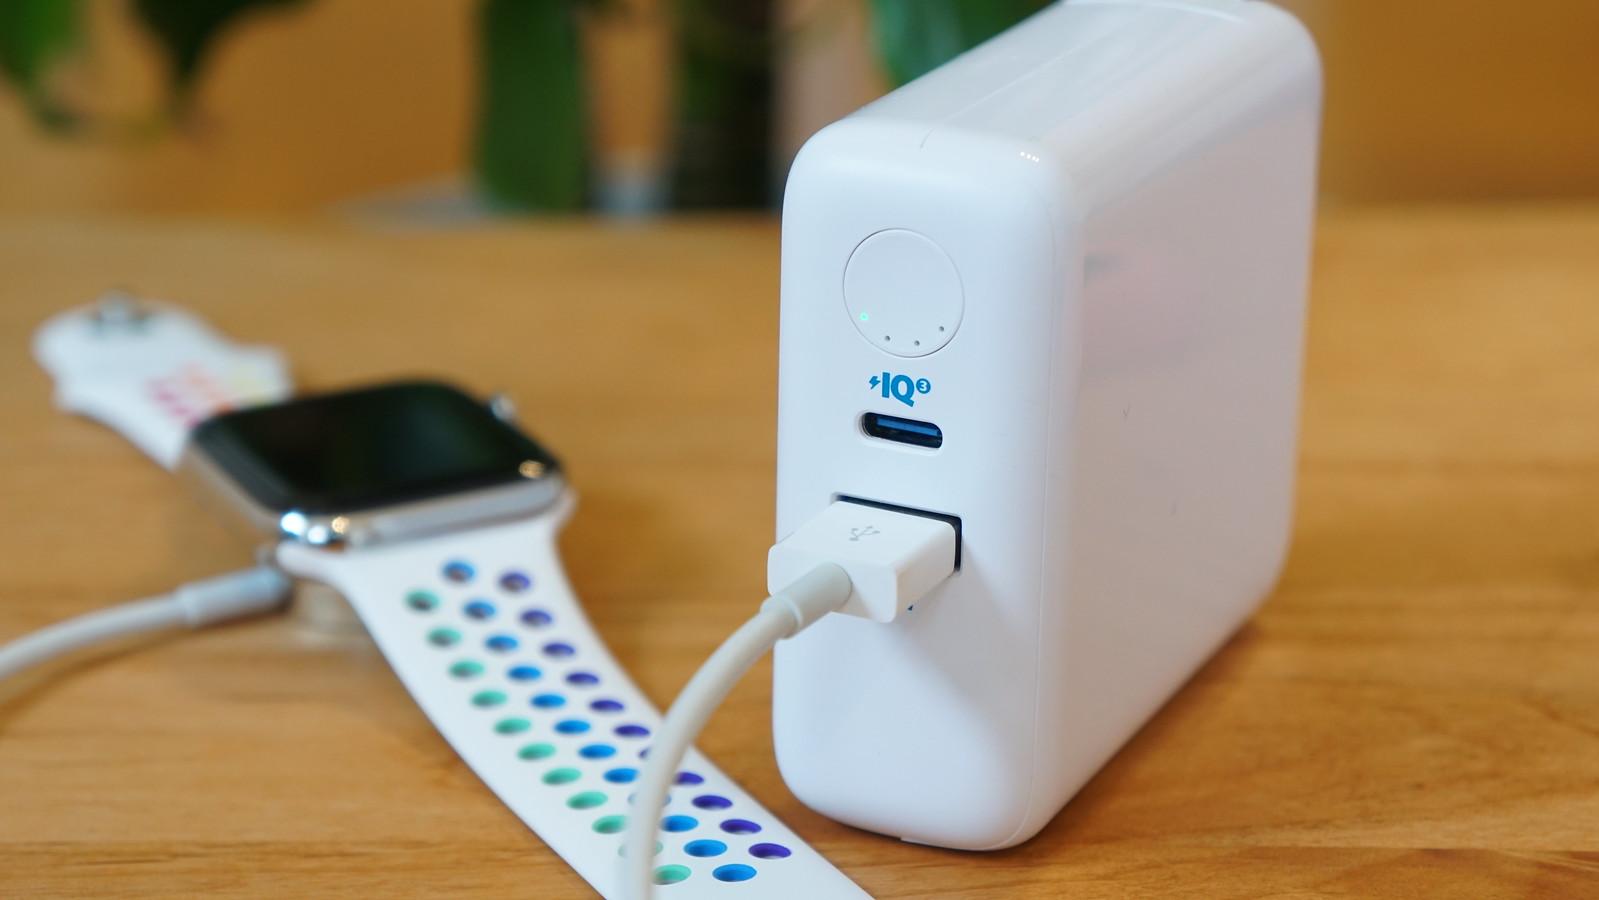 ボタンを長押しすると低電流モードに移行する